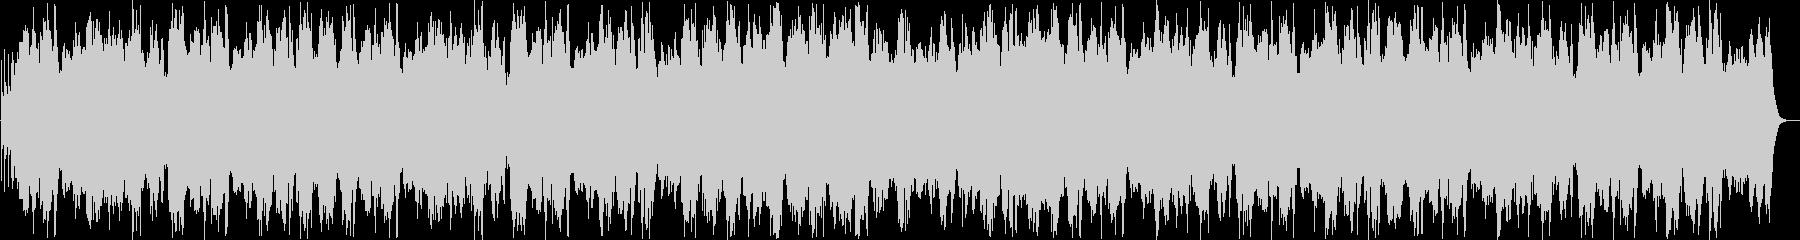 琴、三味線を主に使った優しい曲の未再生の波形